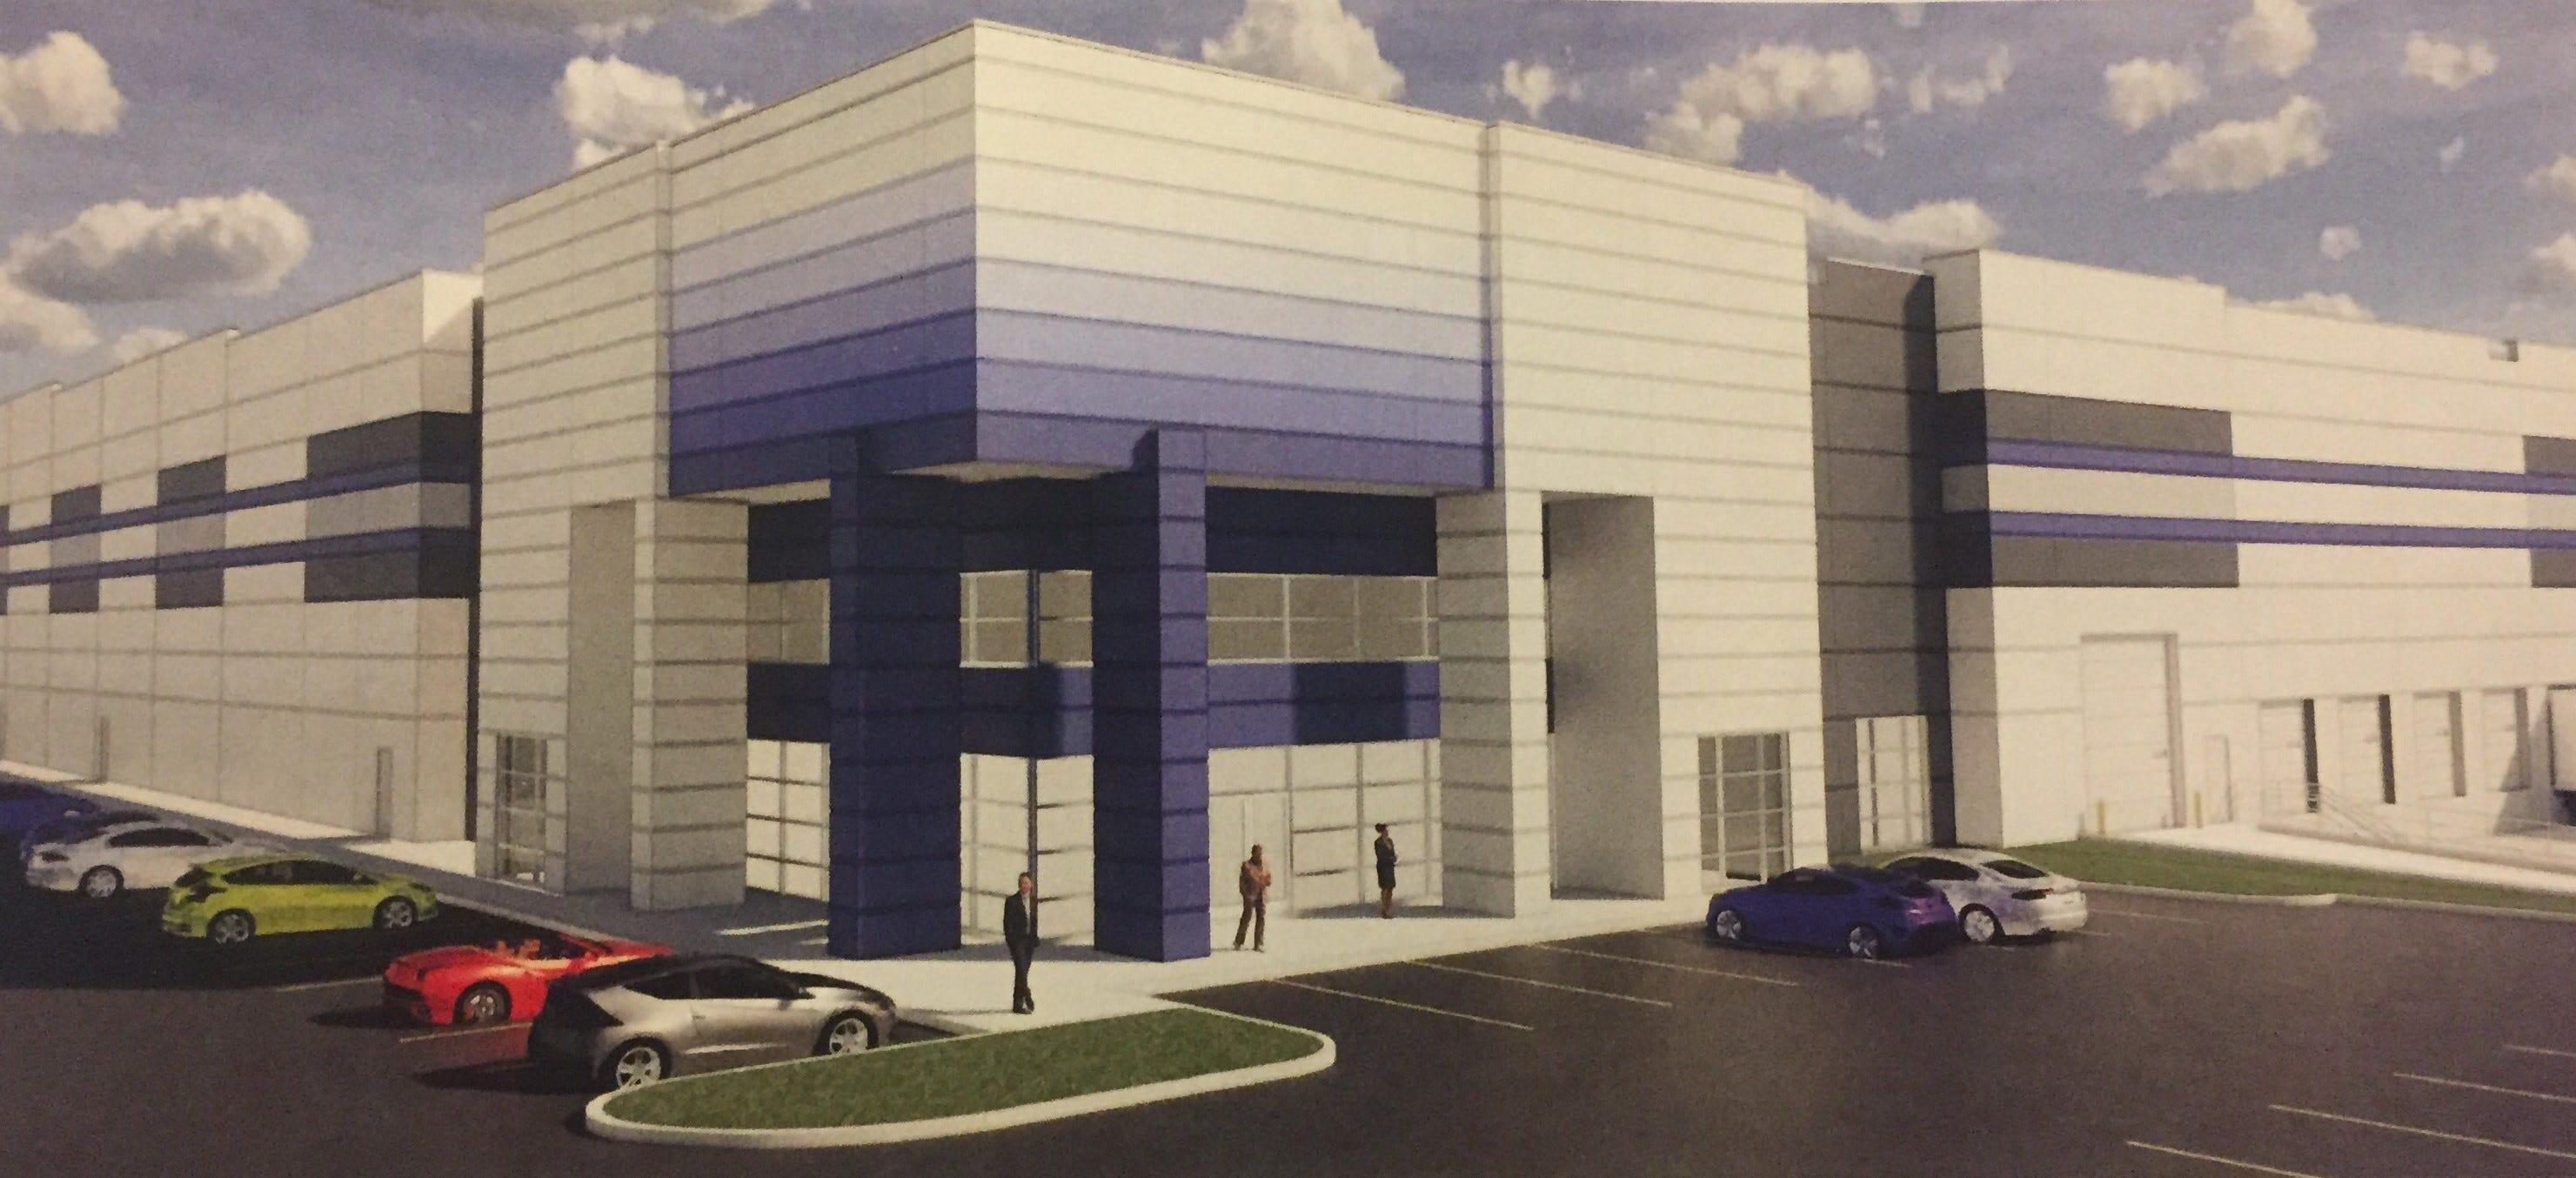 documents amazon eyes filling massive new etna township spec building etna township spec building